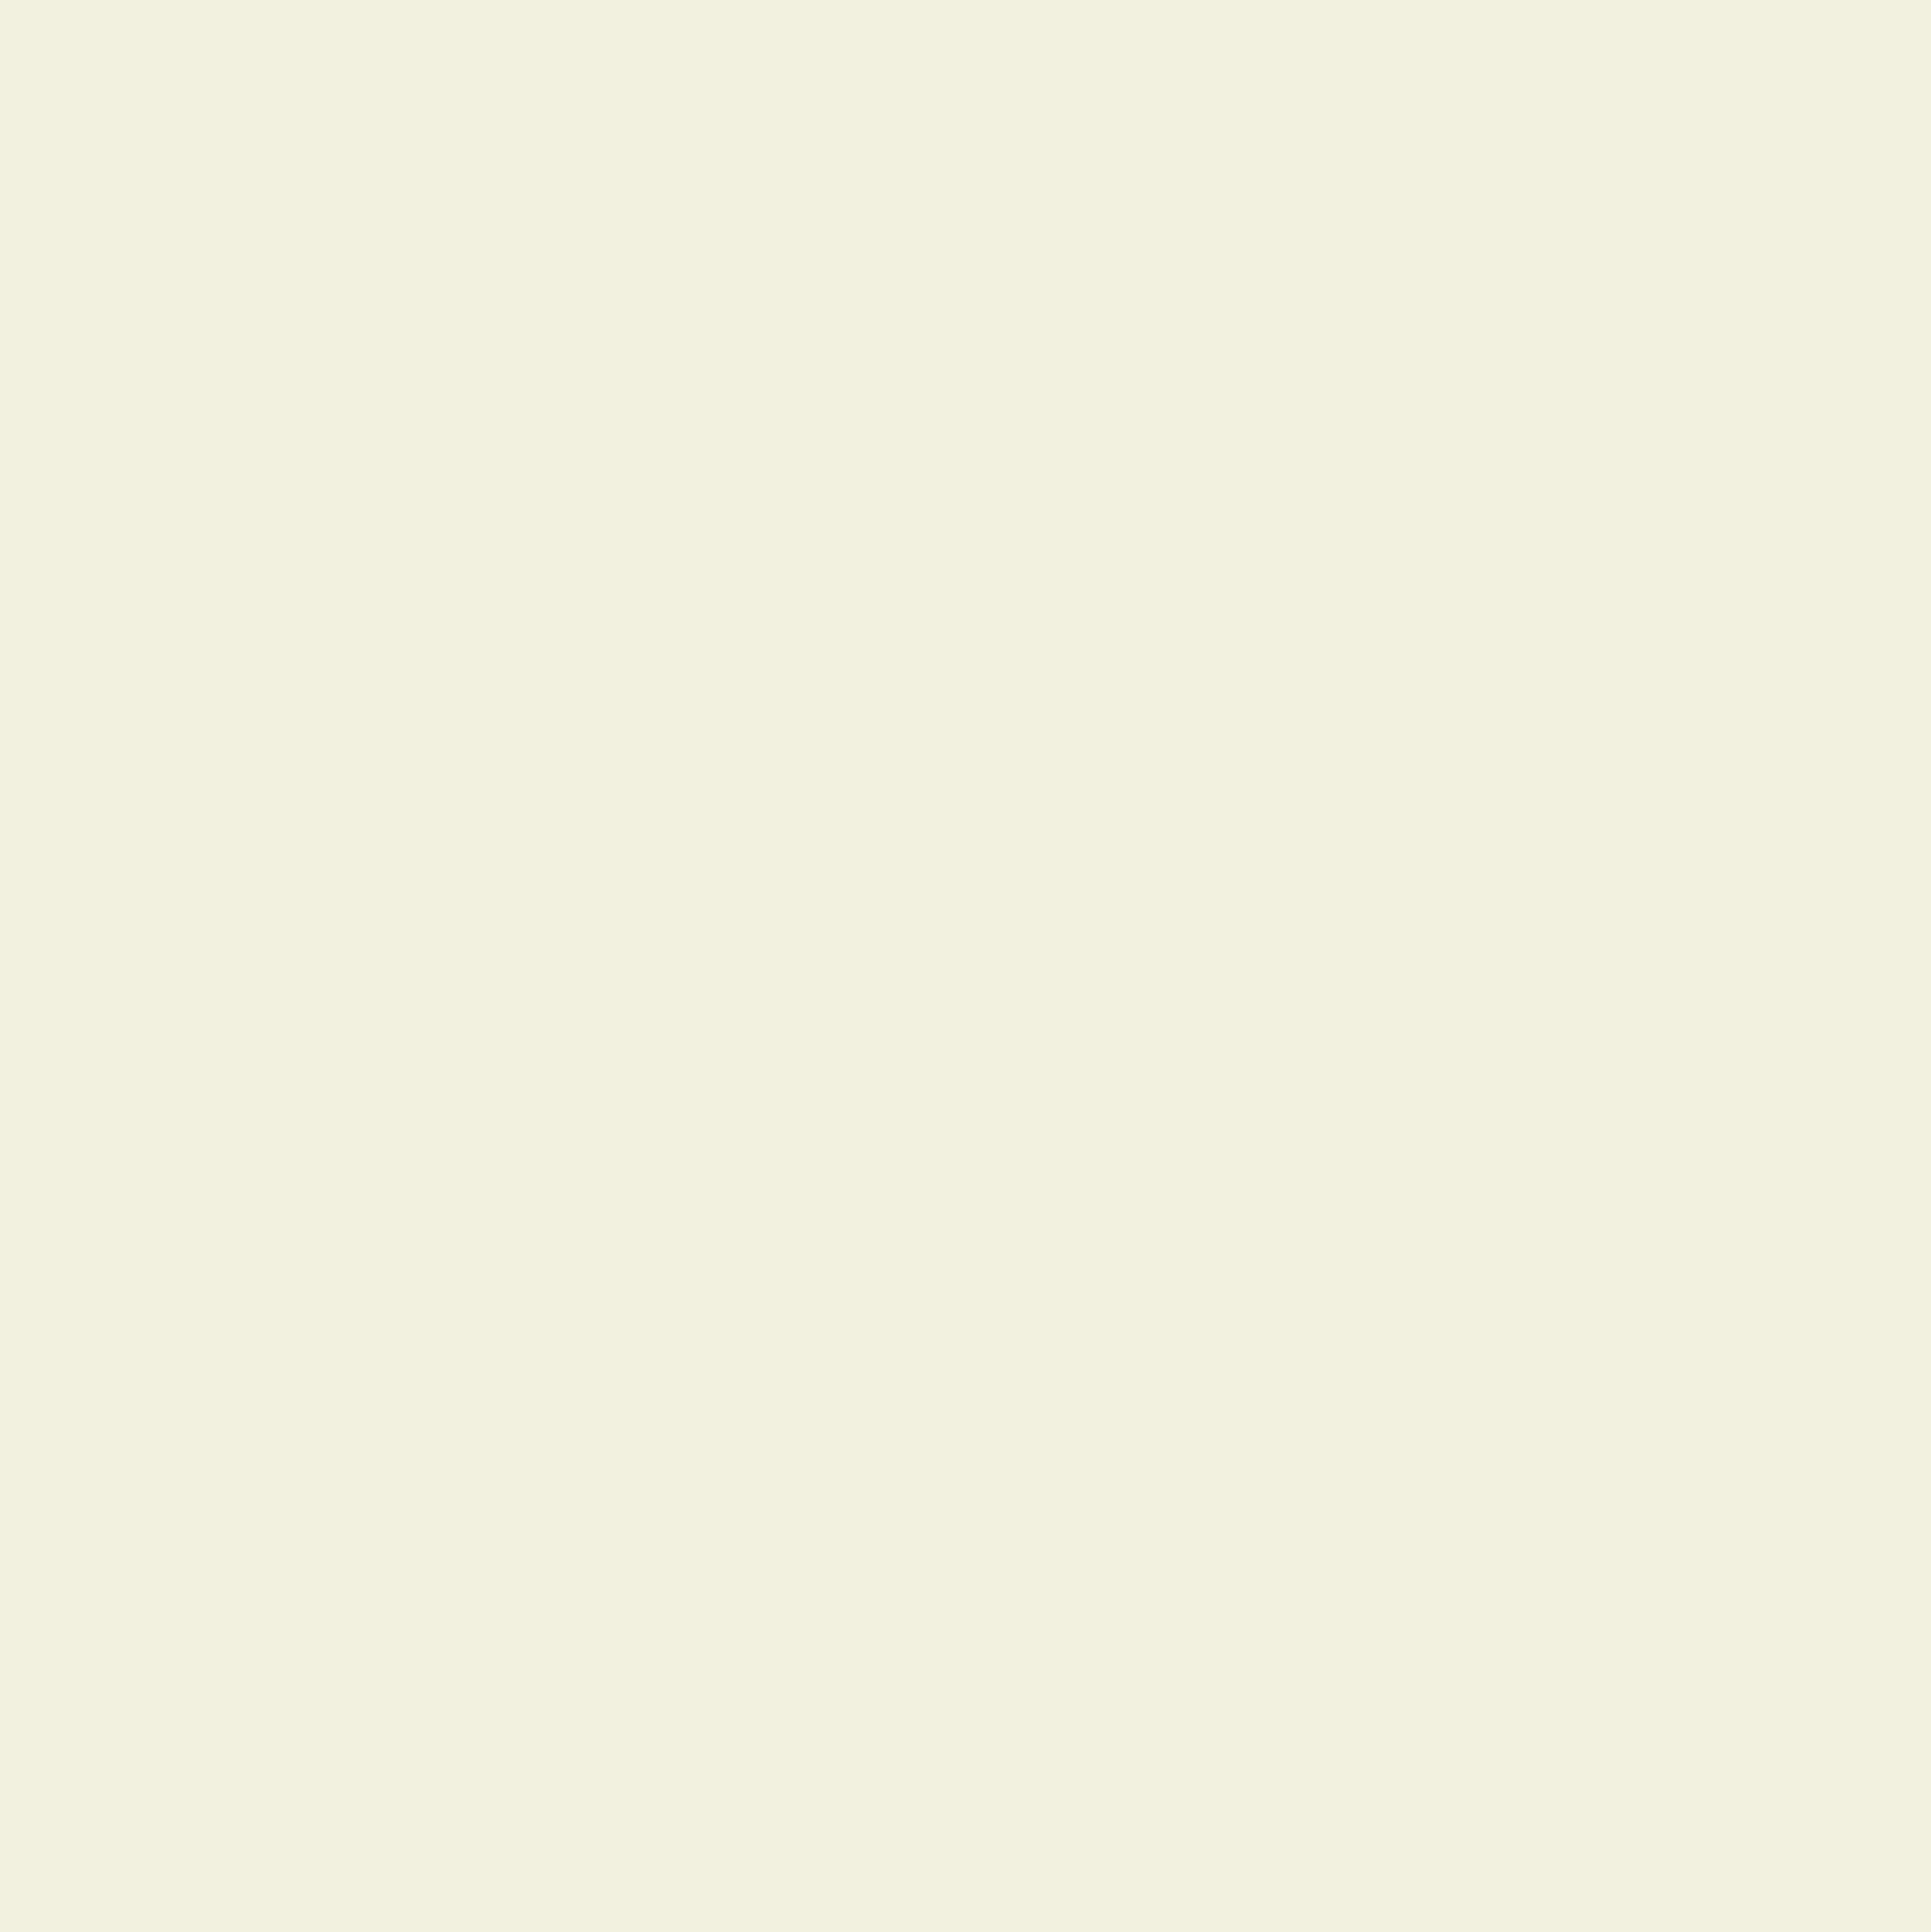 Mantel ⬛ CRUDO ·1,5x1,5m· [retirooenvíoen 5·7díashábiles]